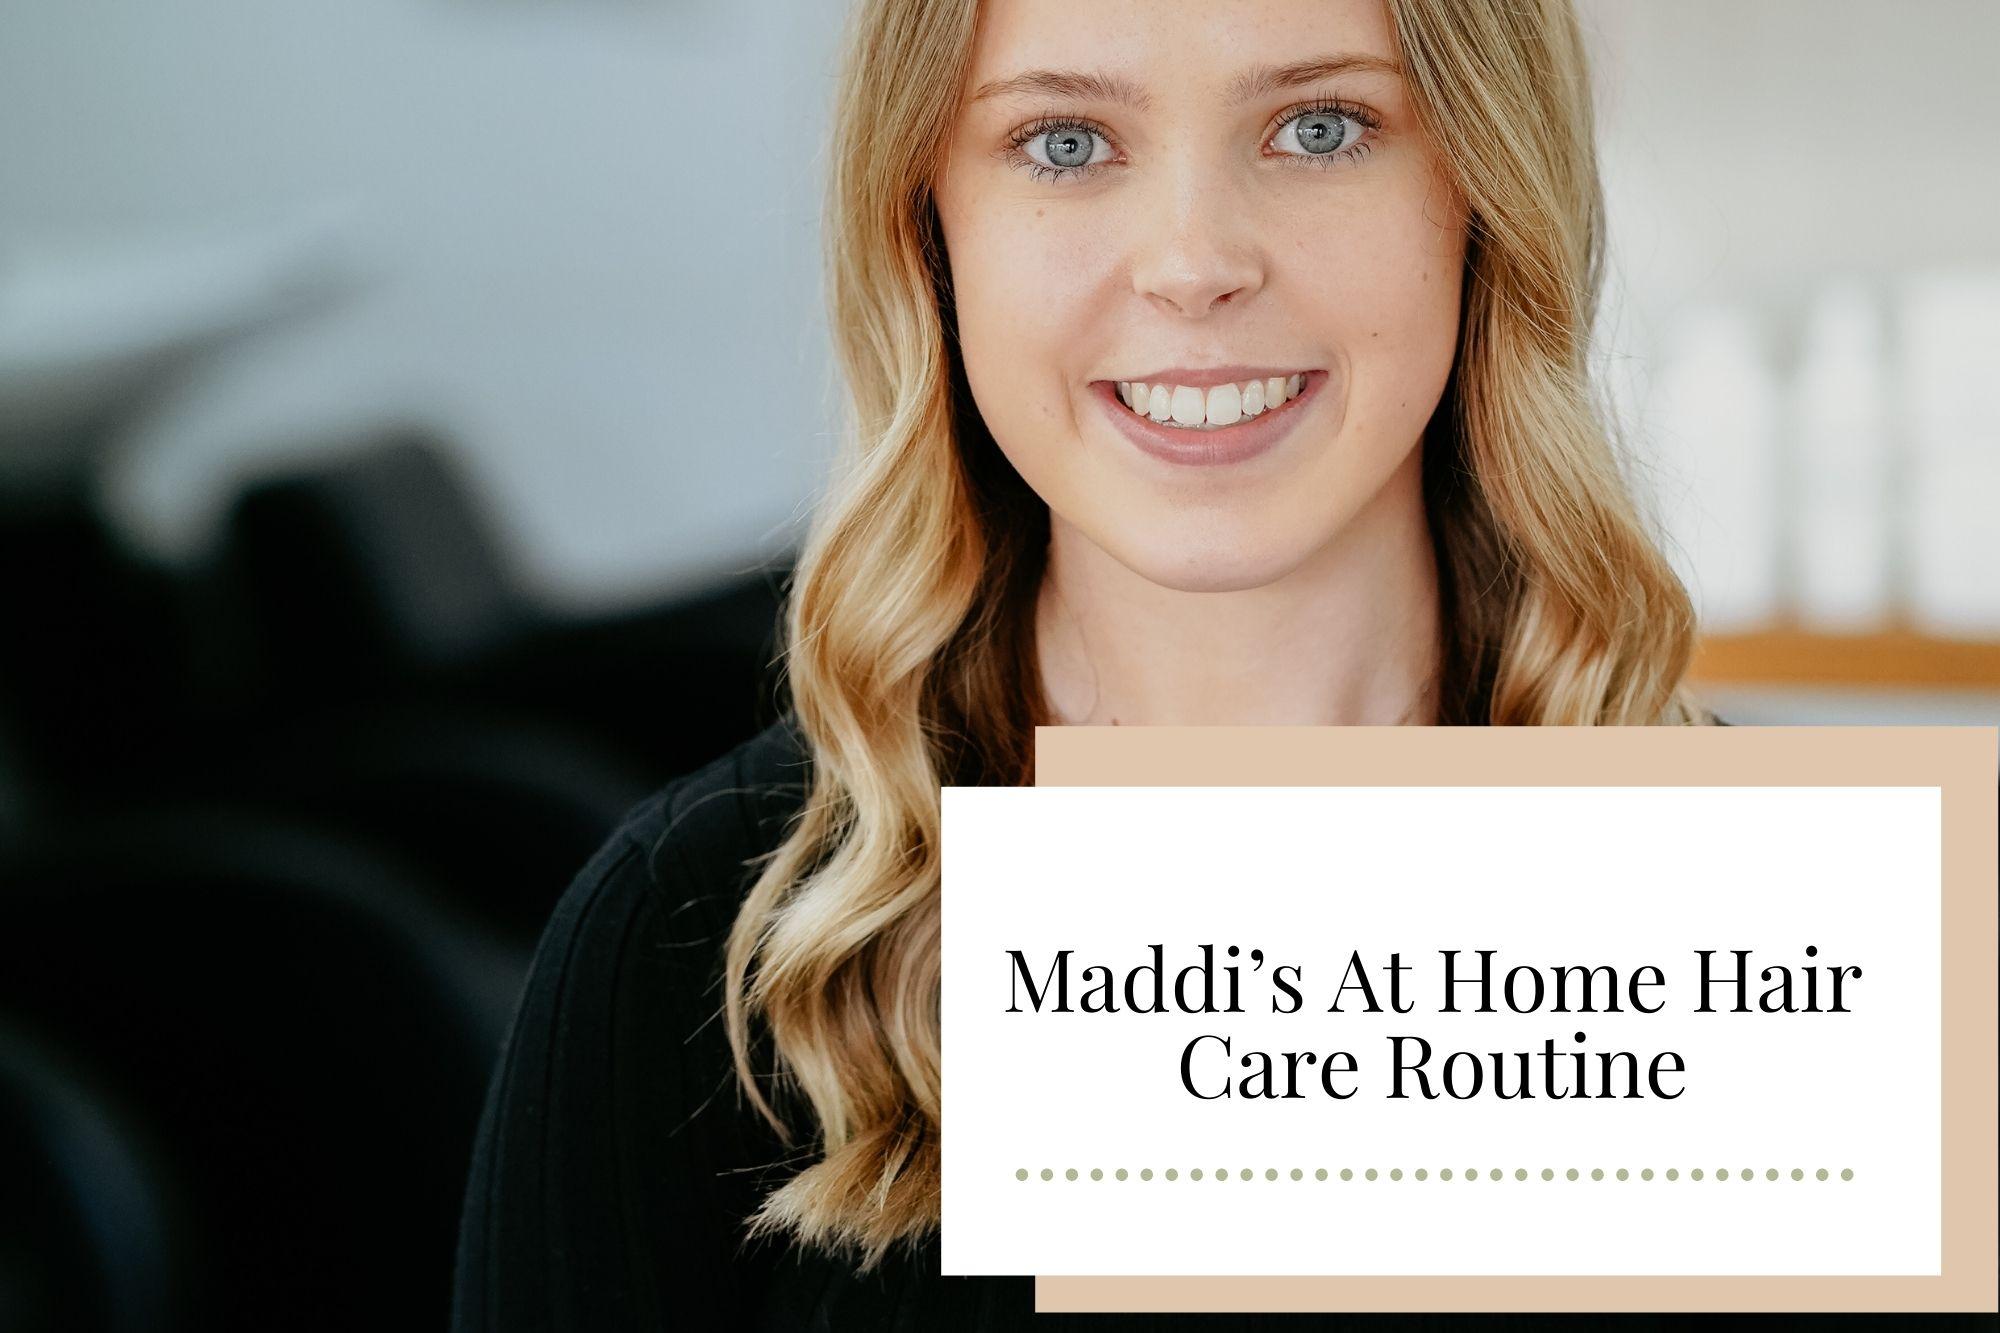 Maddi's At Home Hair Care Routine - Newcastle Hair Salon - Blanc Hair Studio